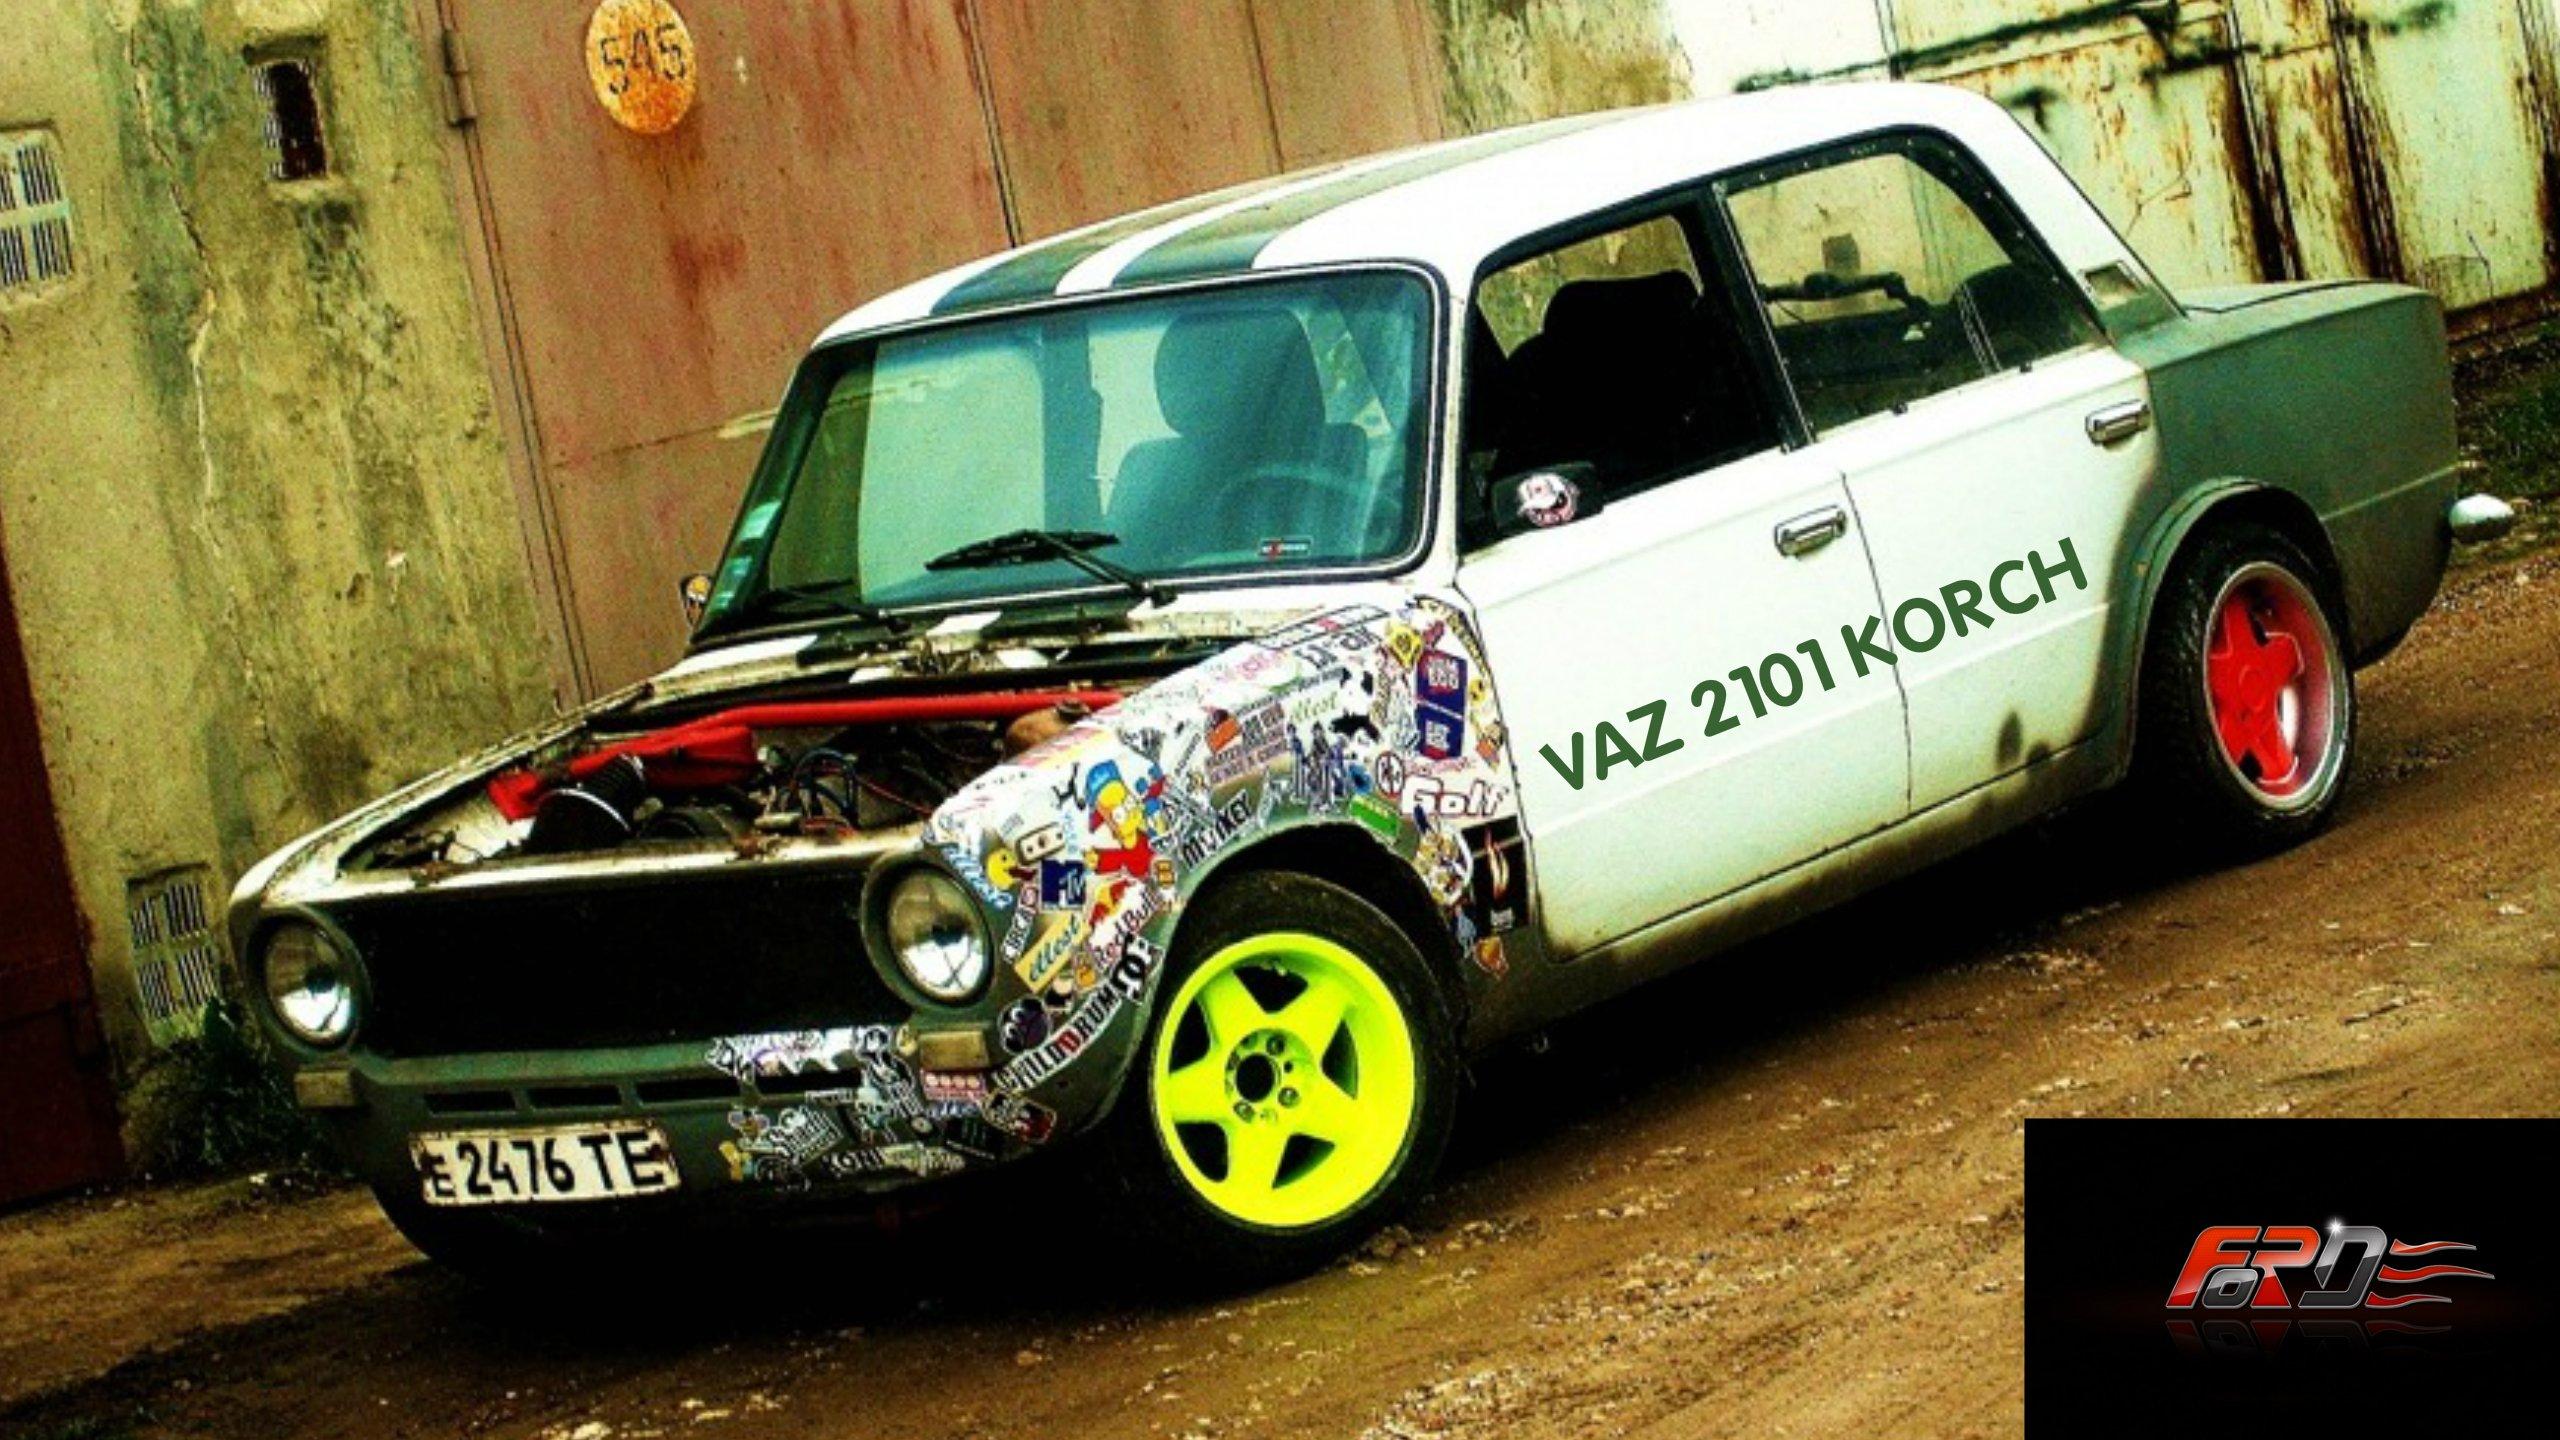 """ВАЗ 2101 """"Копейка"""" (VAZ 2101) корч тест-драйв, обзор, дрифт (DRIFT) зима в City Car Driving . - Изображение 1"""